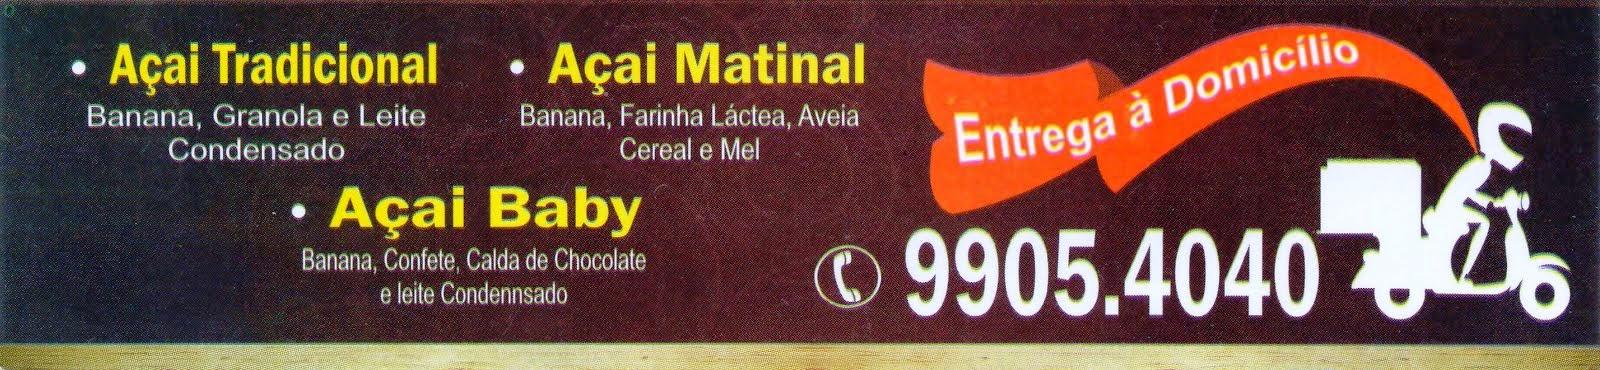 Disque Entrega da Pastelaria Tangará: